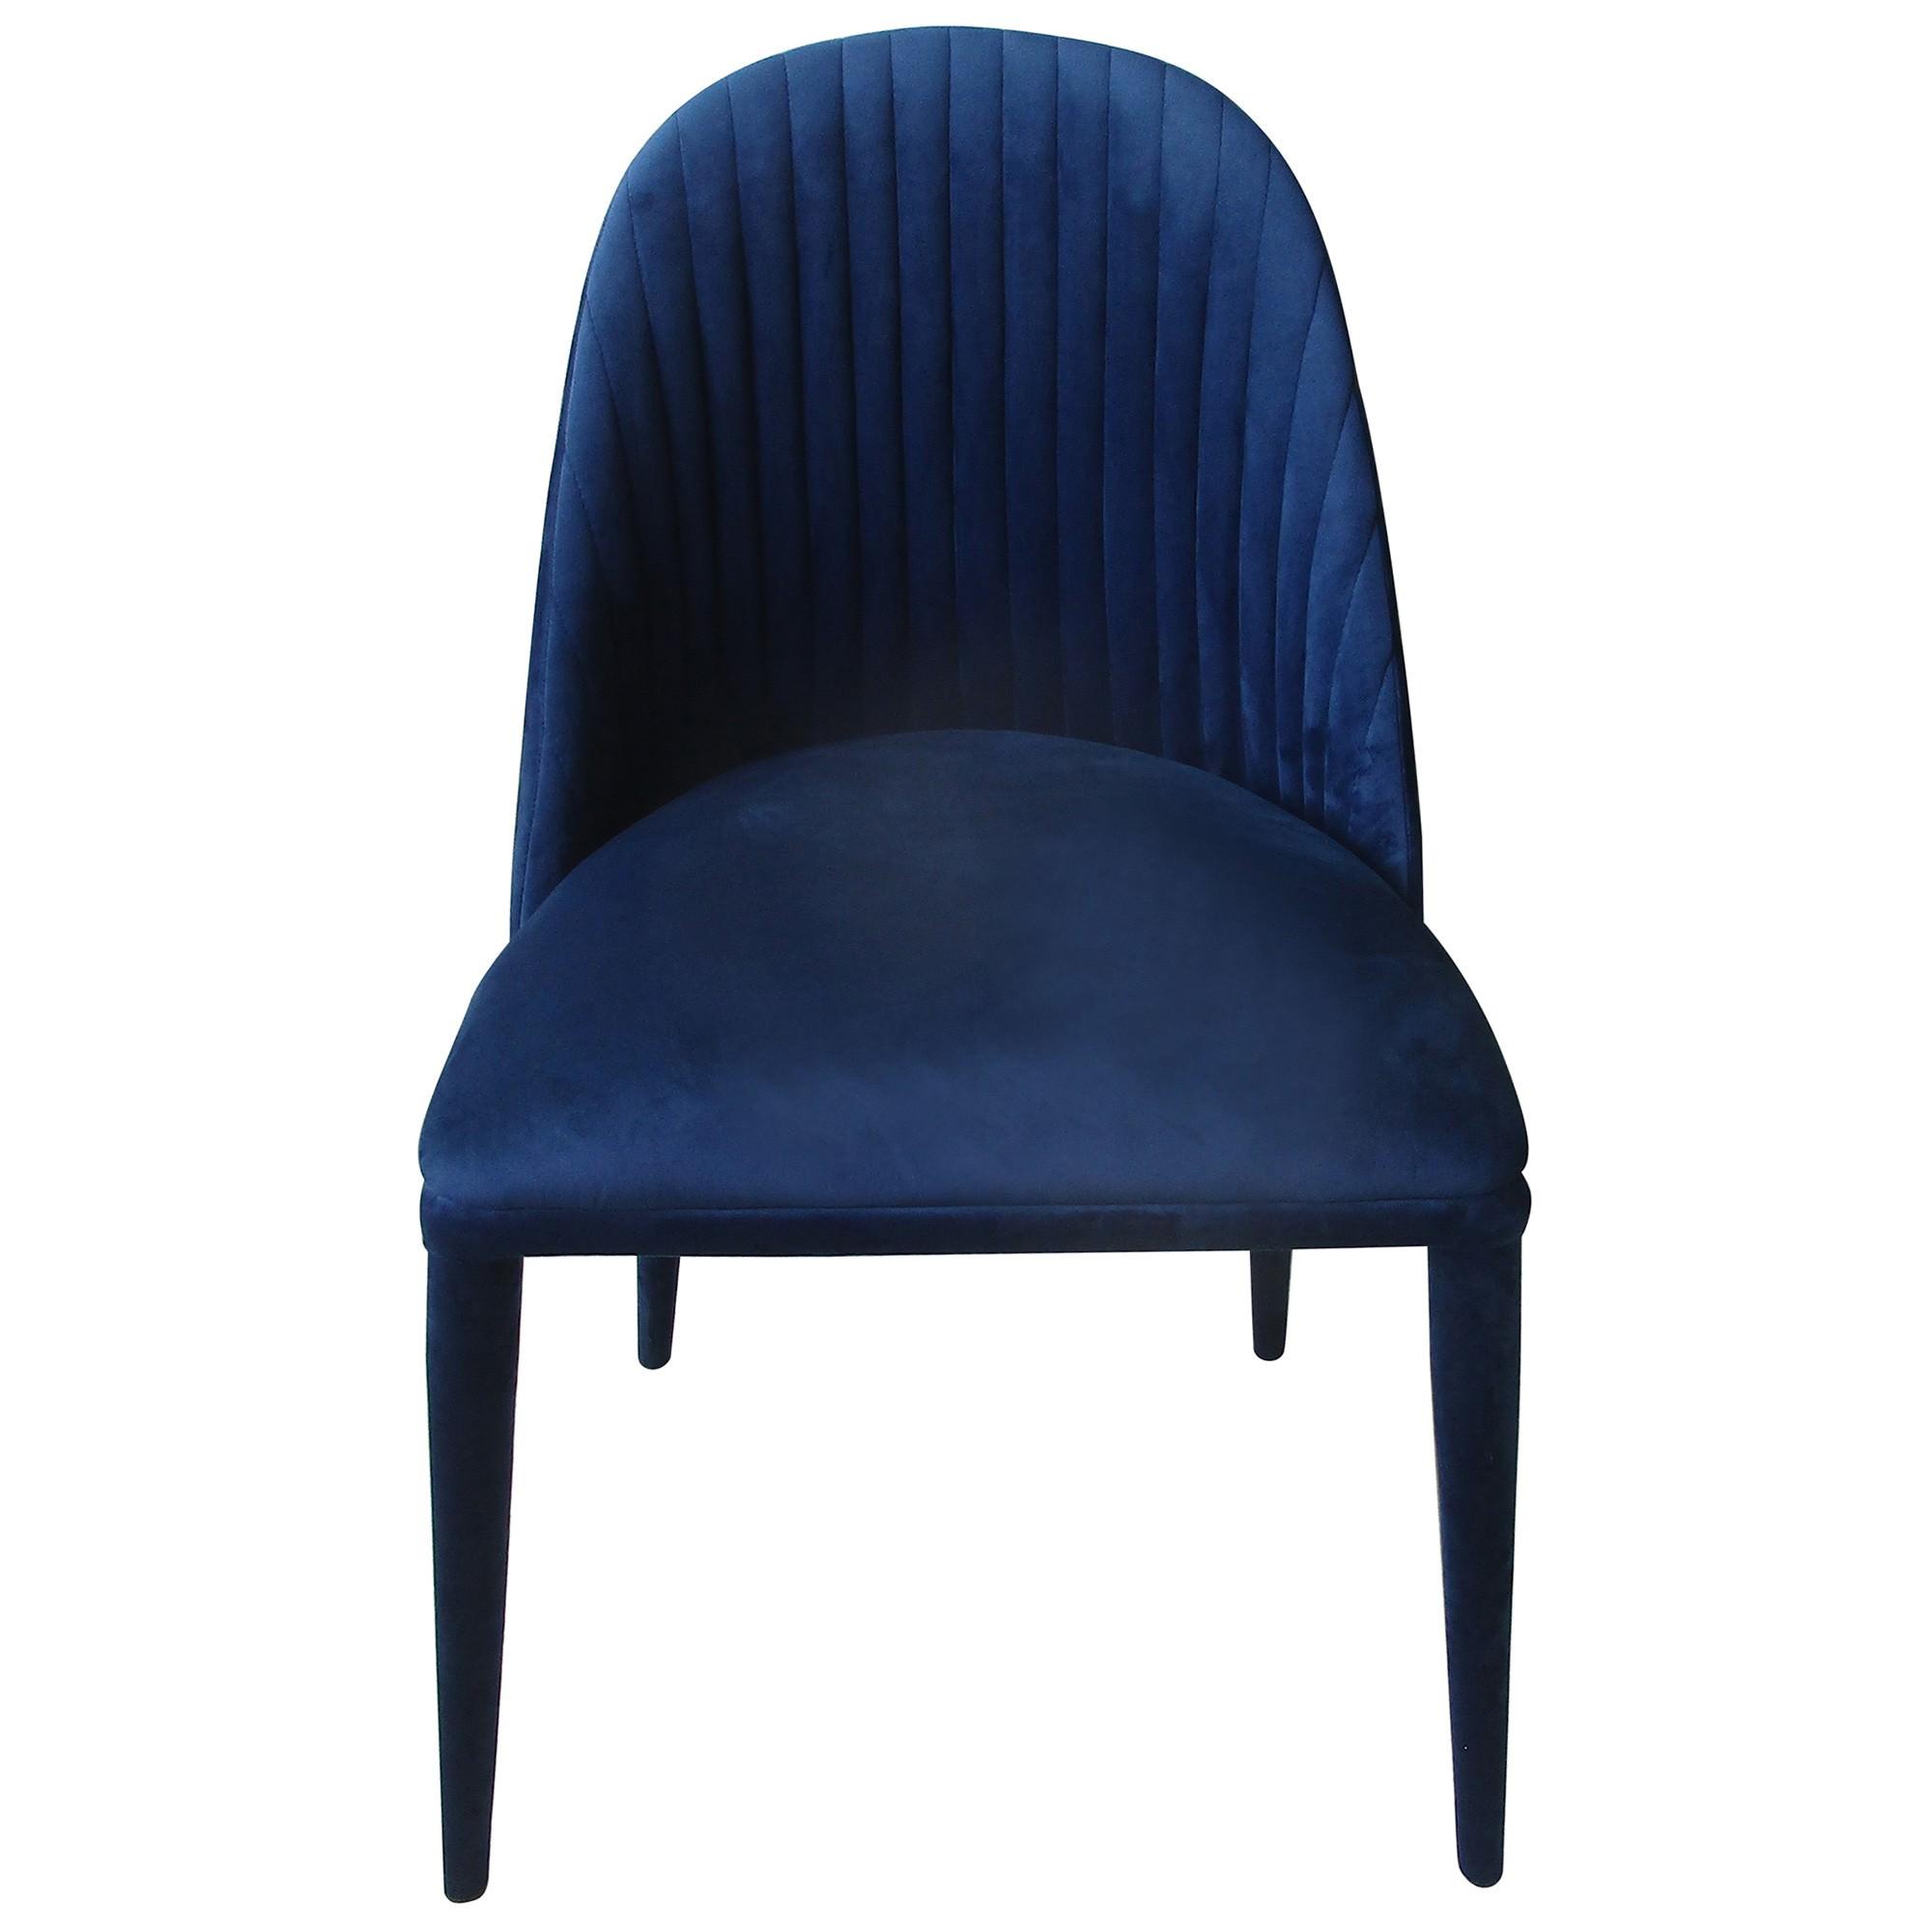 Dante Velvet Fabric Dining Chair, Navy